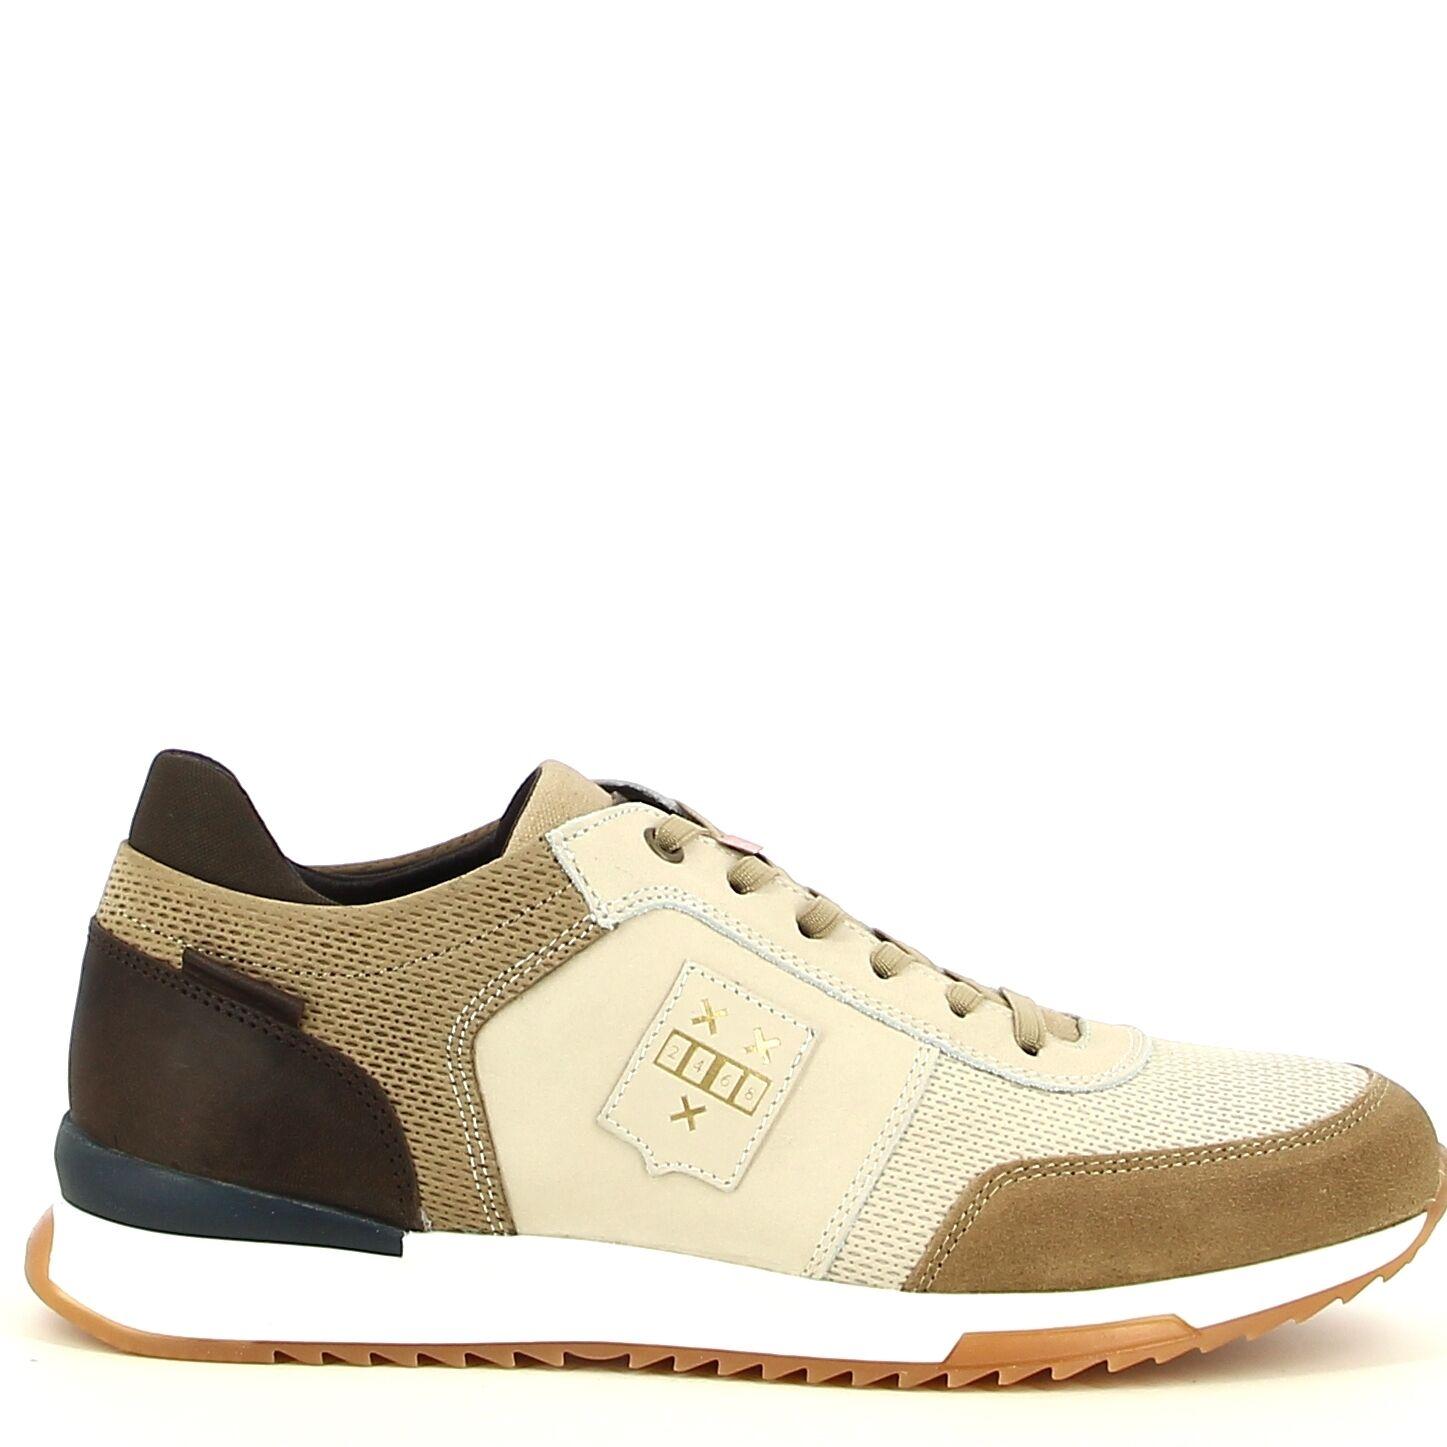 Ken Shoe Fashion  - Beige/Bruin - Sneakers